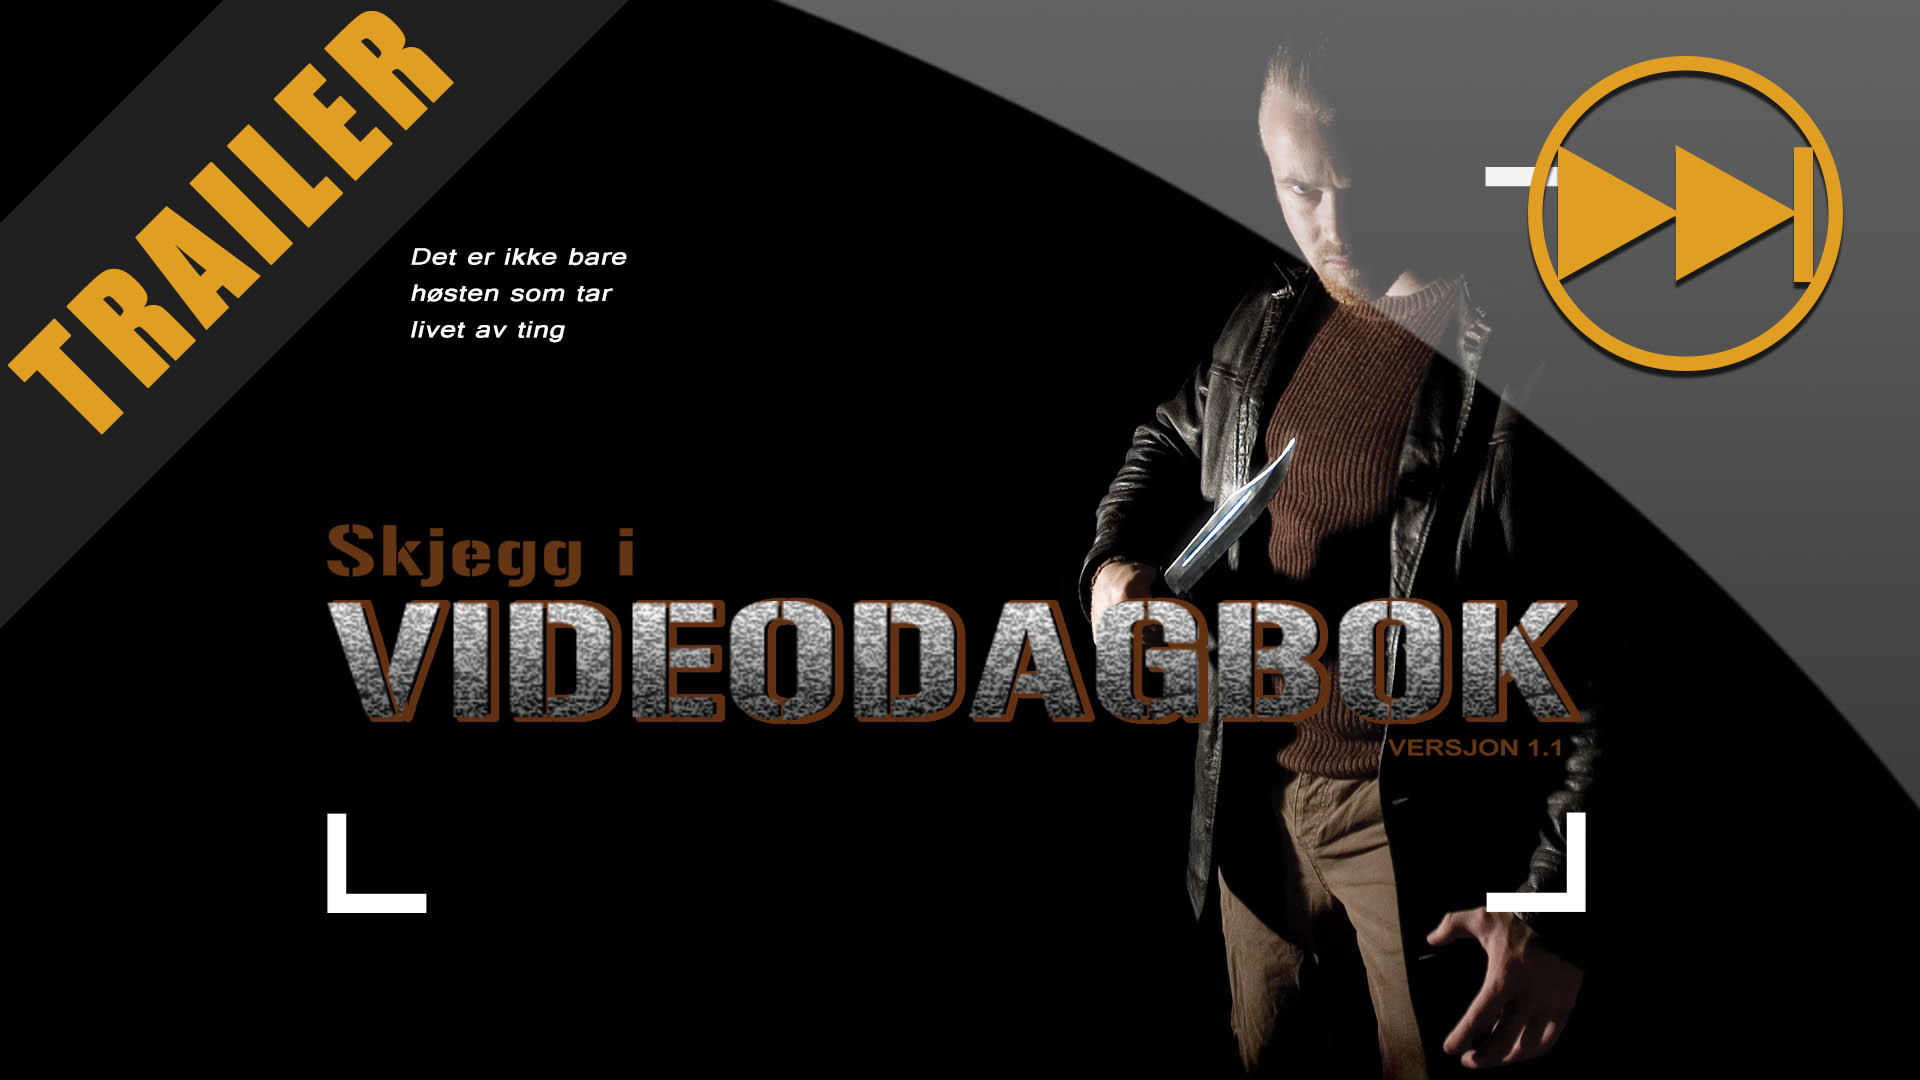 Skjegg i Videodagbok: Teaser